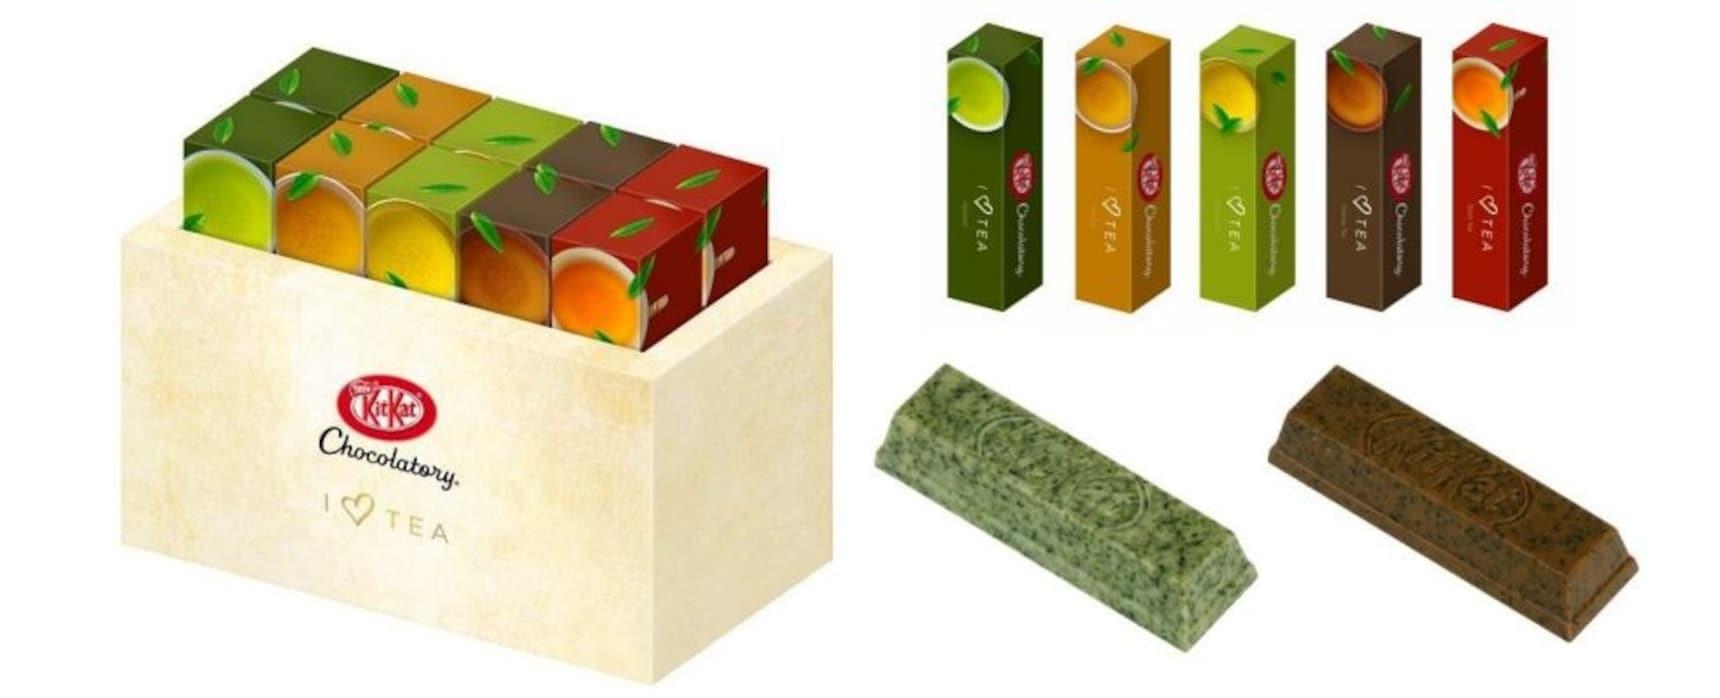 5 New Tea-Infused Kit Kat Flavors